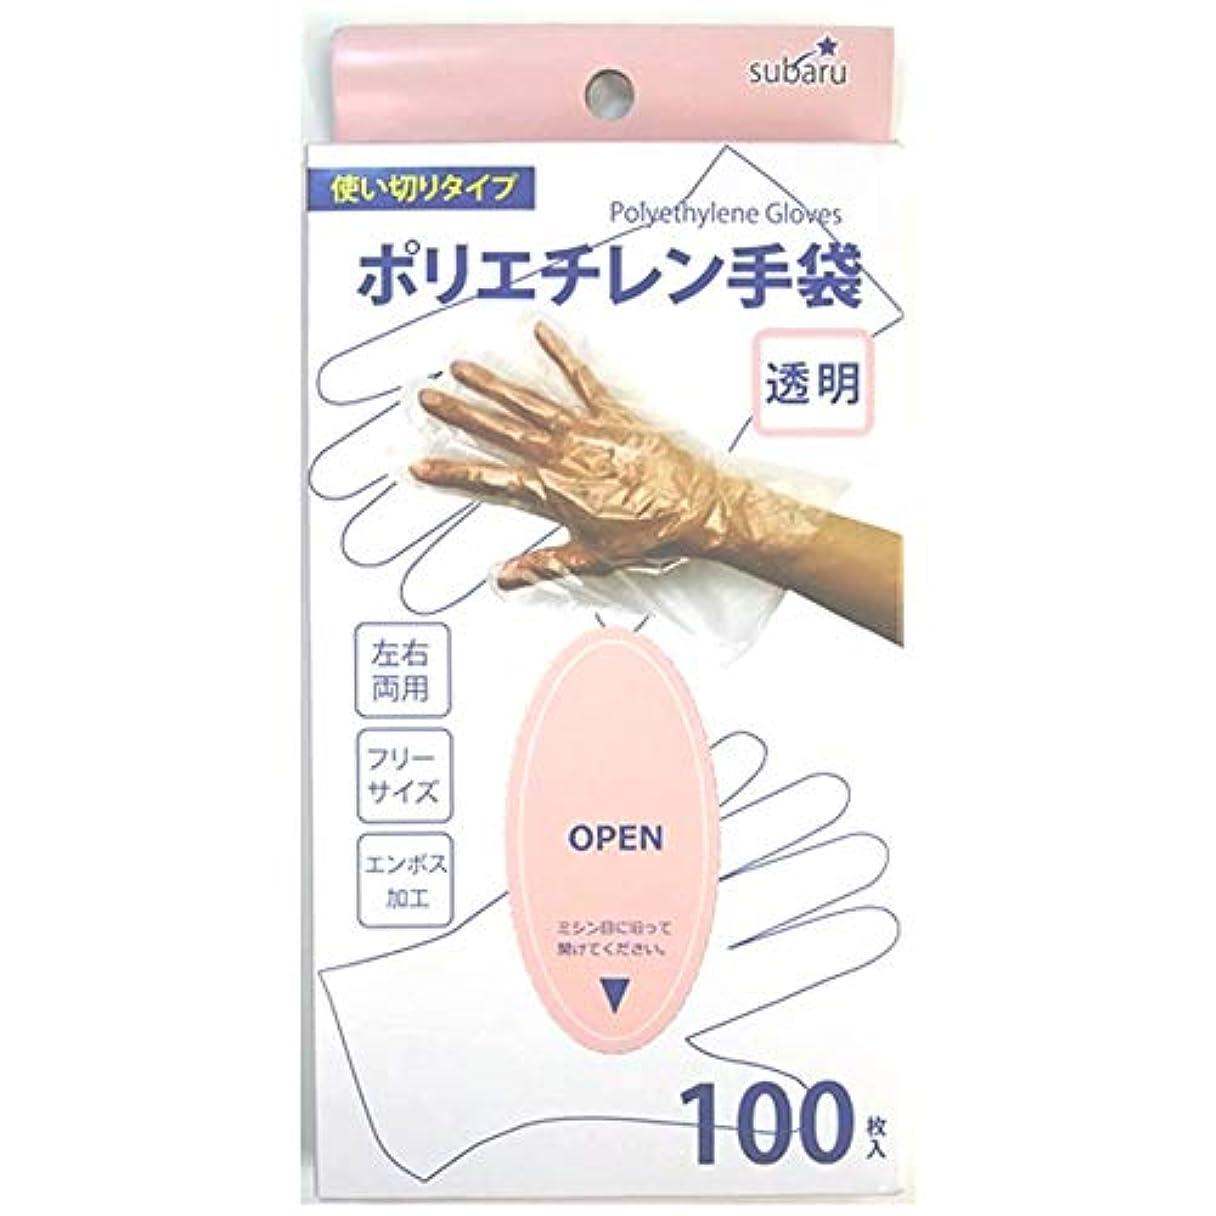 時々アプトスキニーポリエチレン手袋 透明100枚入 227-29【まとめ買い12個セット】